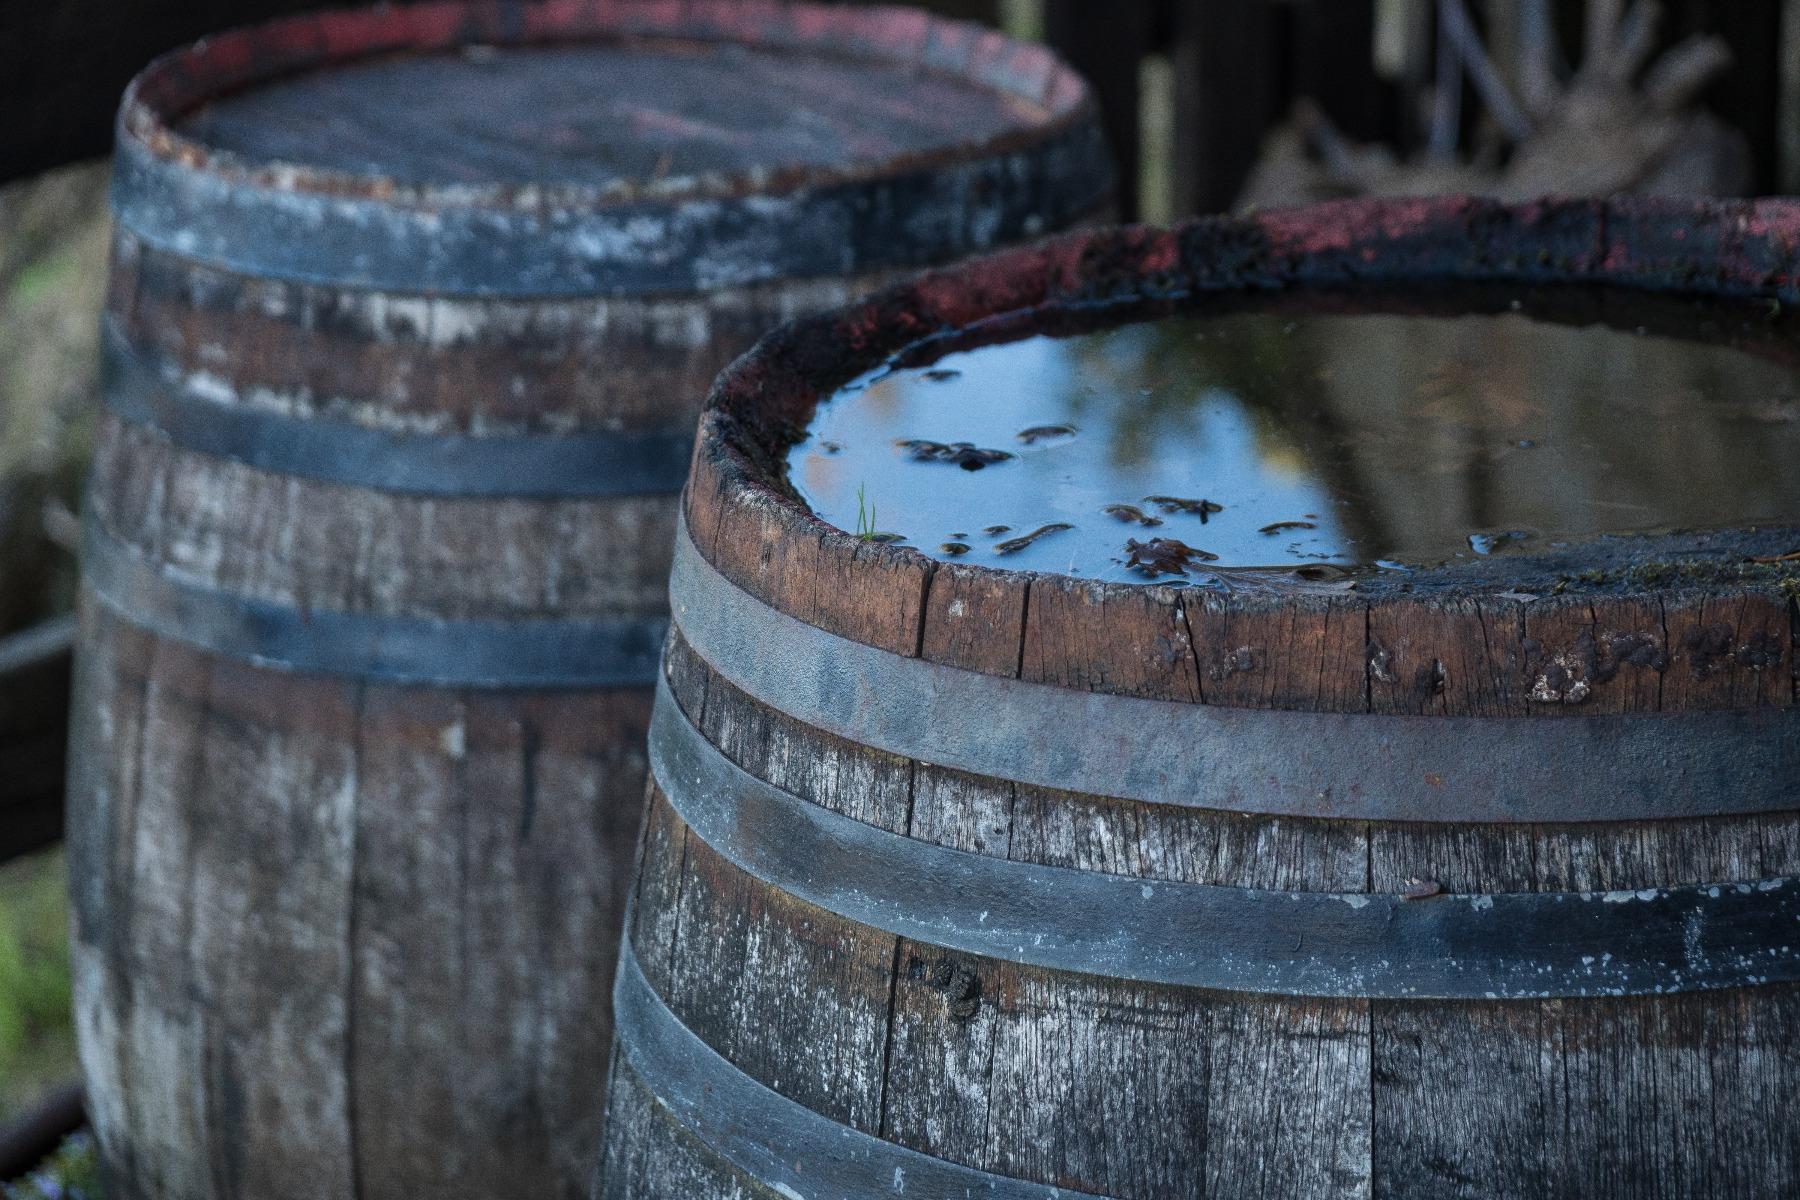 Whisky vat